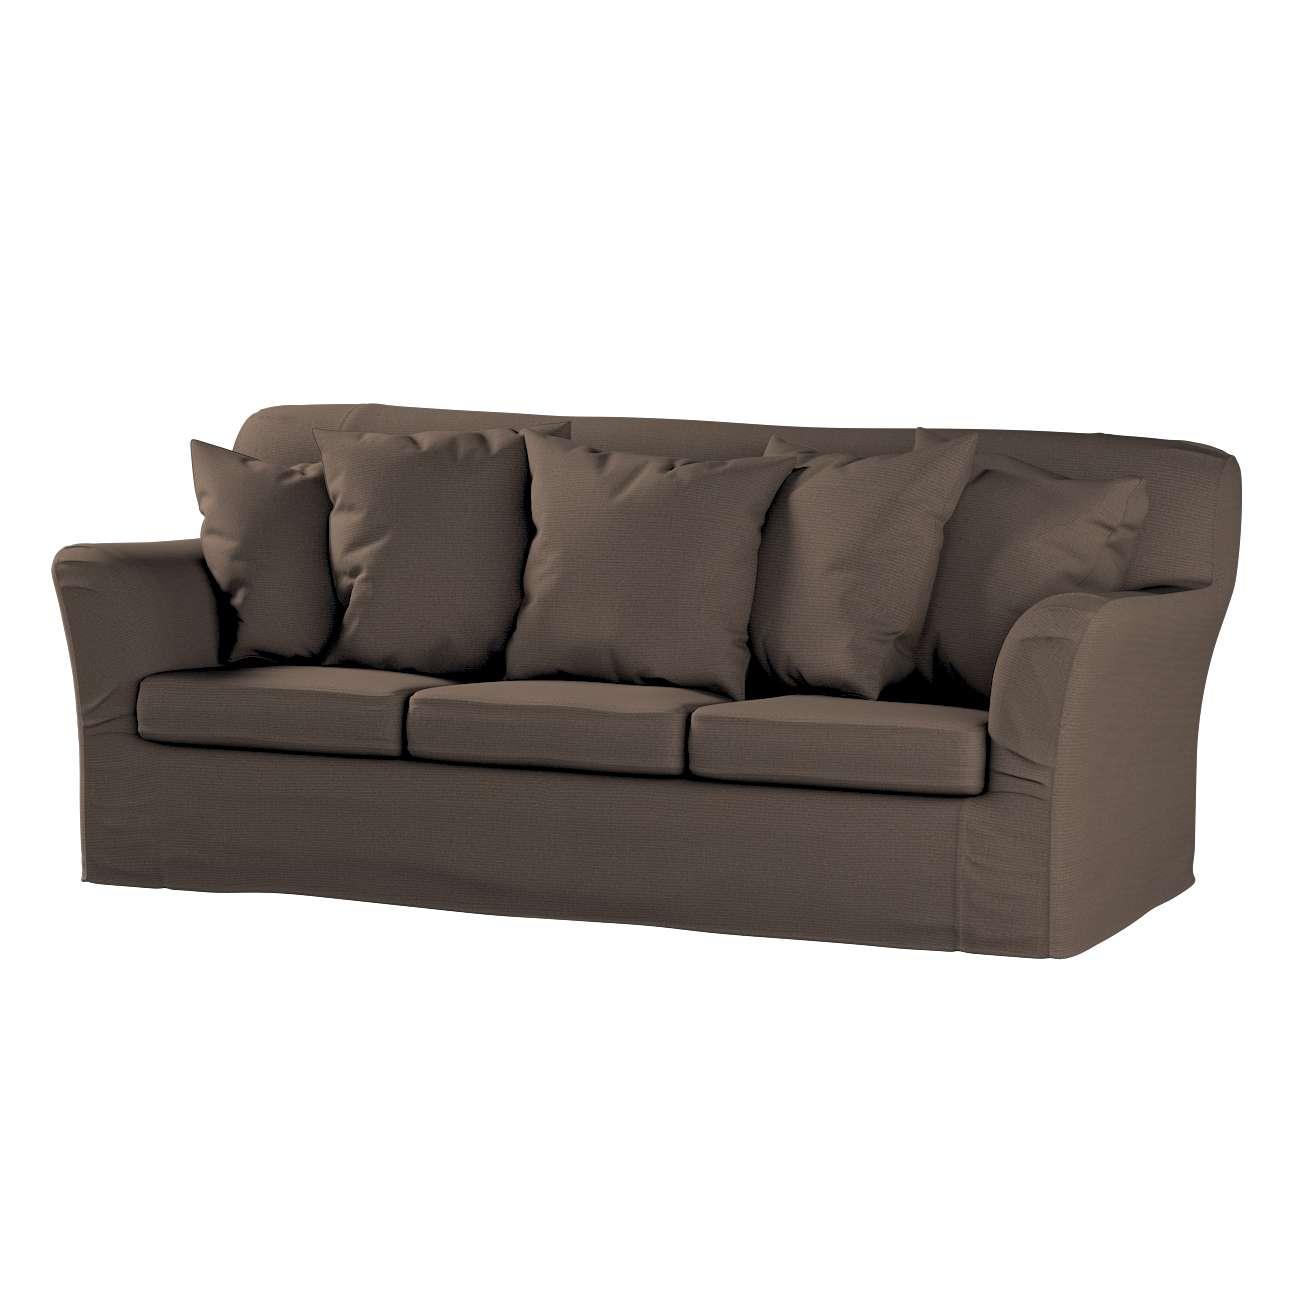 Pokrowiec na sofę Tomelilla 3-osobową nierozkładaną Sofa Tomelilla 3-osobowa w kolekcji Etna , tkanina: 705-08